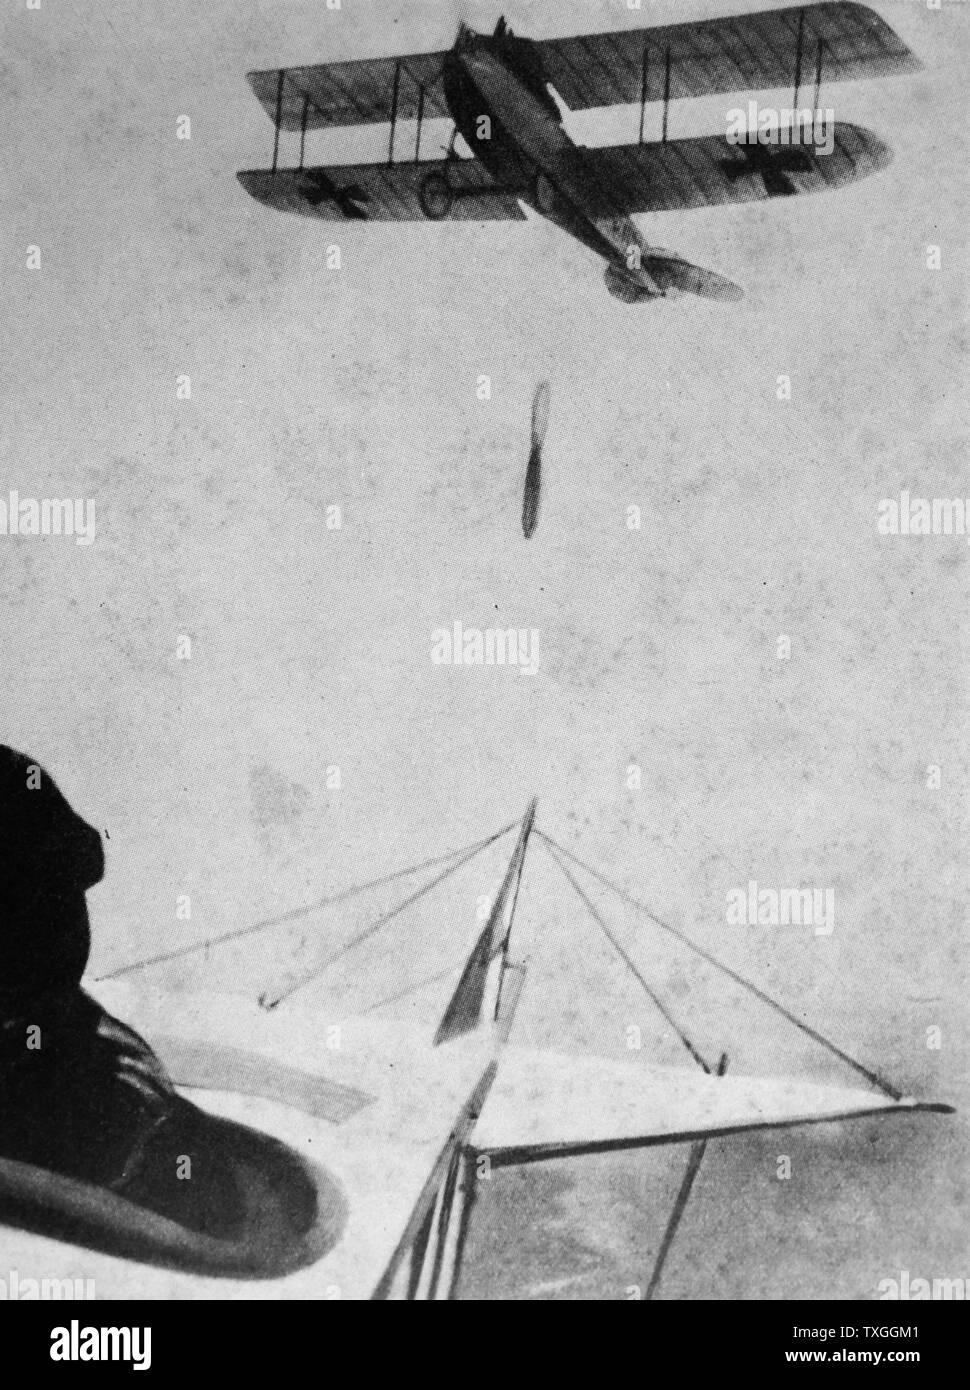 Photographie d'un avion allemand des bombes. Datée 1916 Banque D'Images